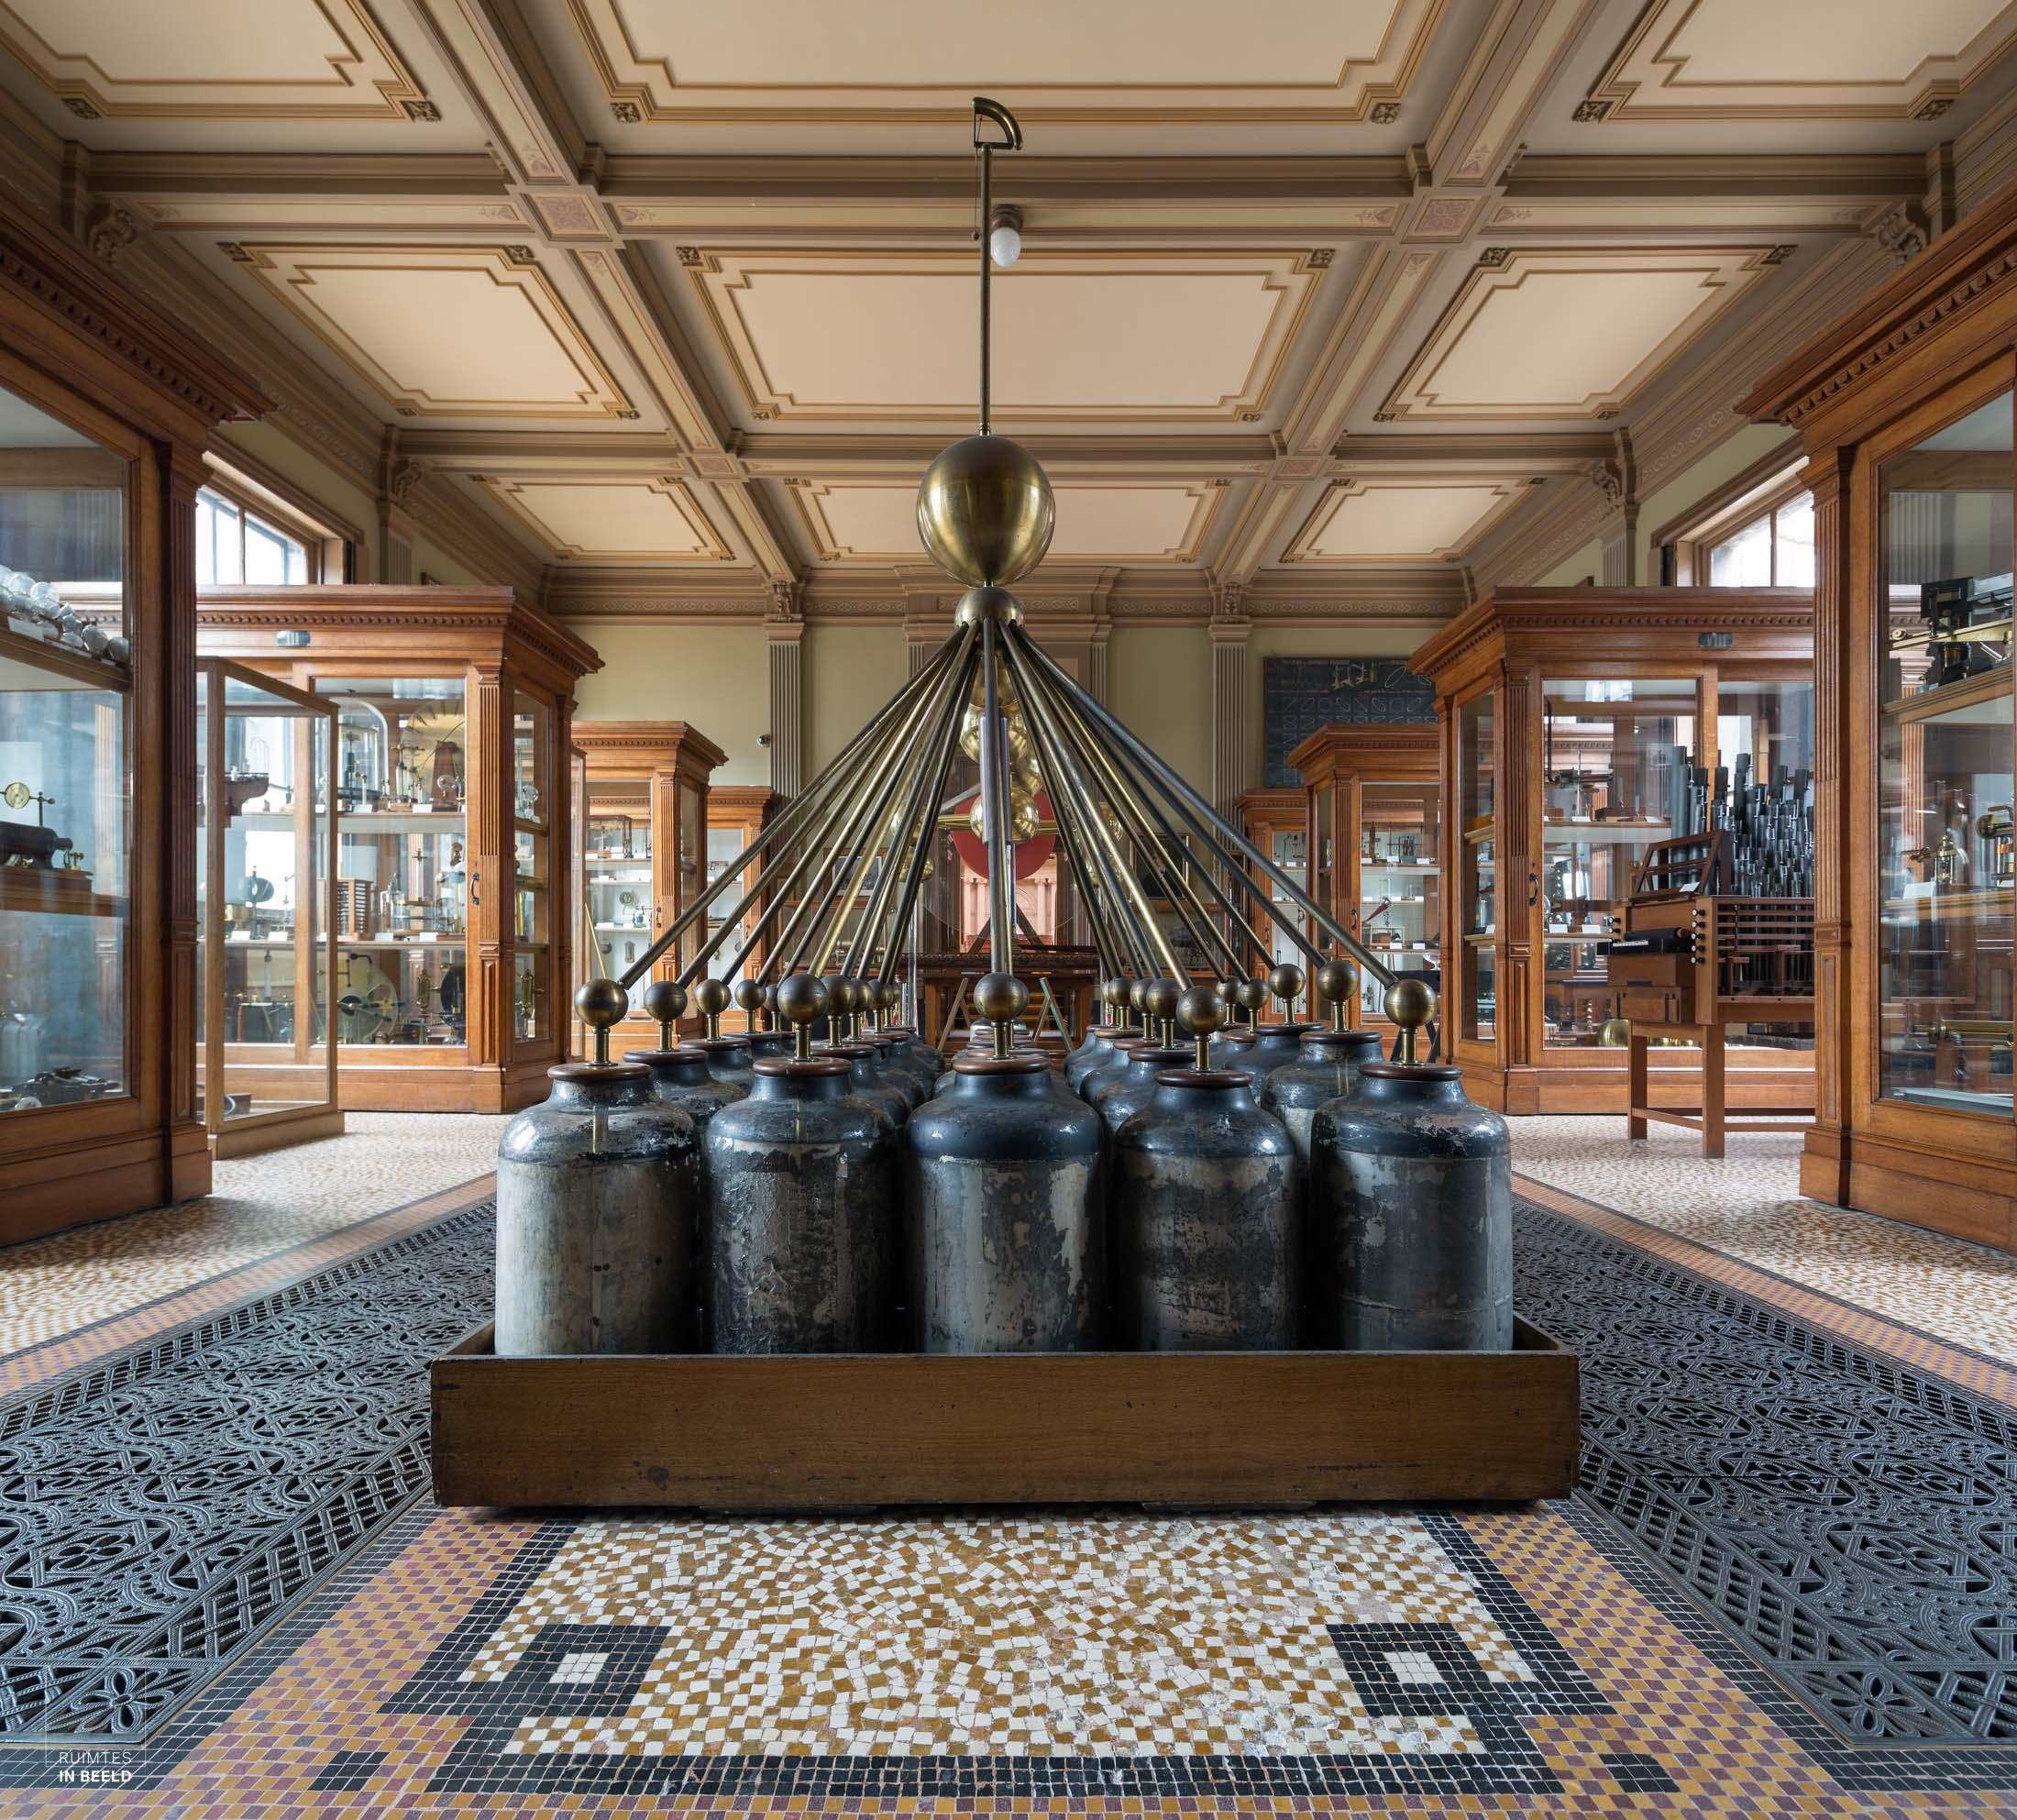 instrumentenzaal in het Teylers museum in Haarlem | Instruments room in Teylers museum Haarlem, Netherlands